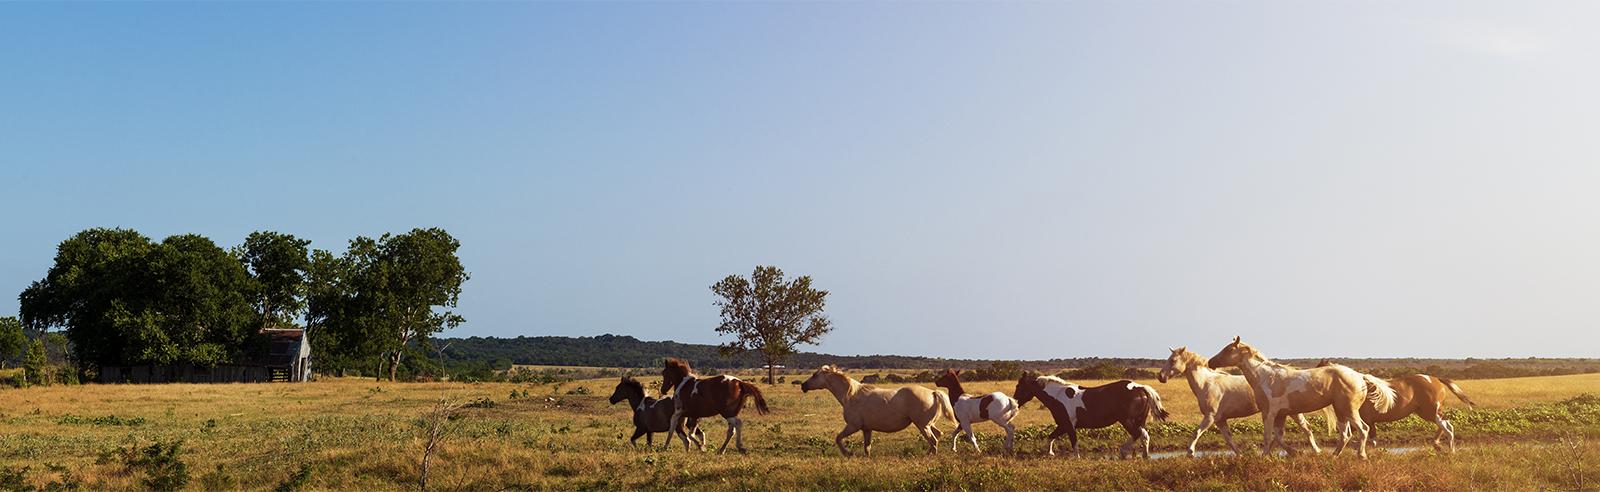 landscapes publication background footer image